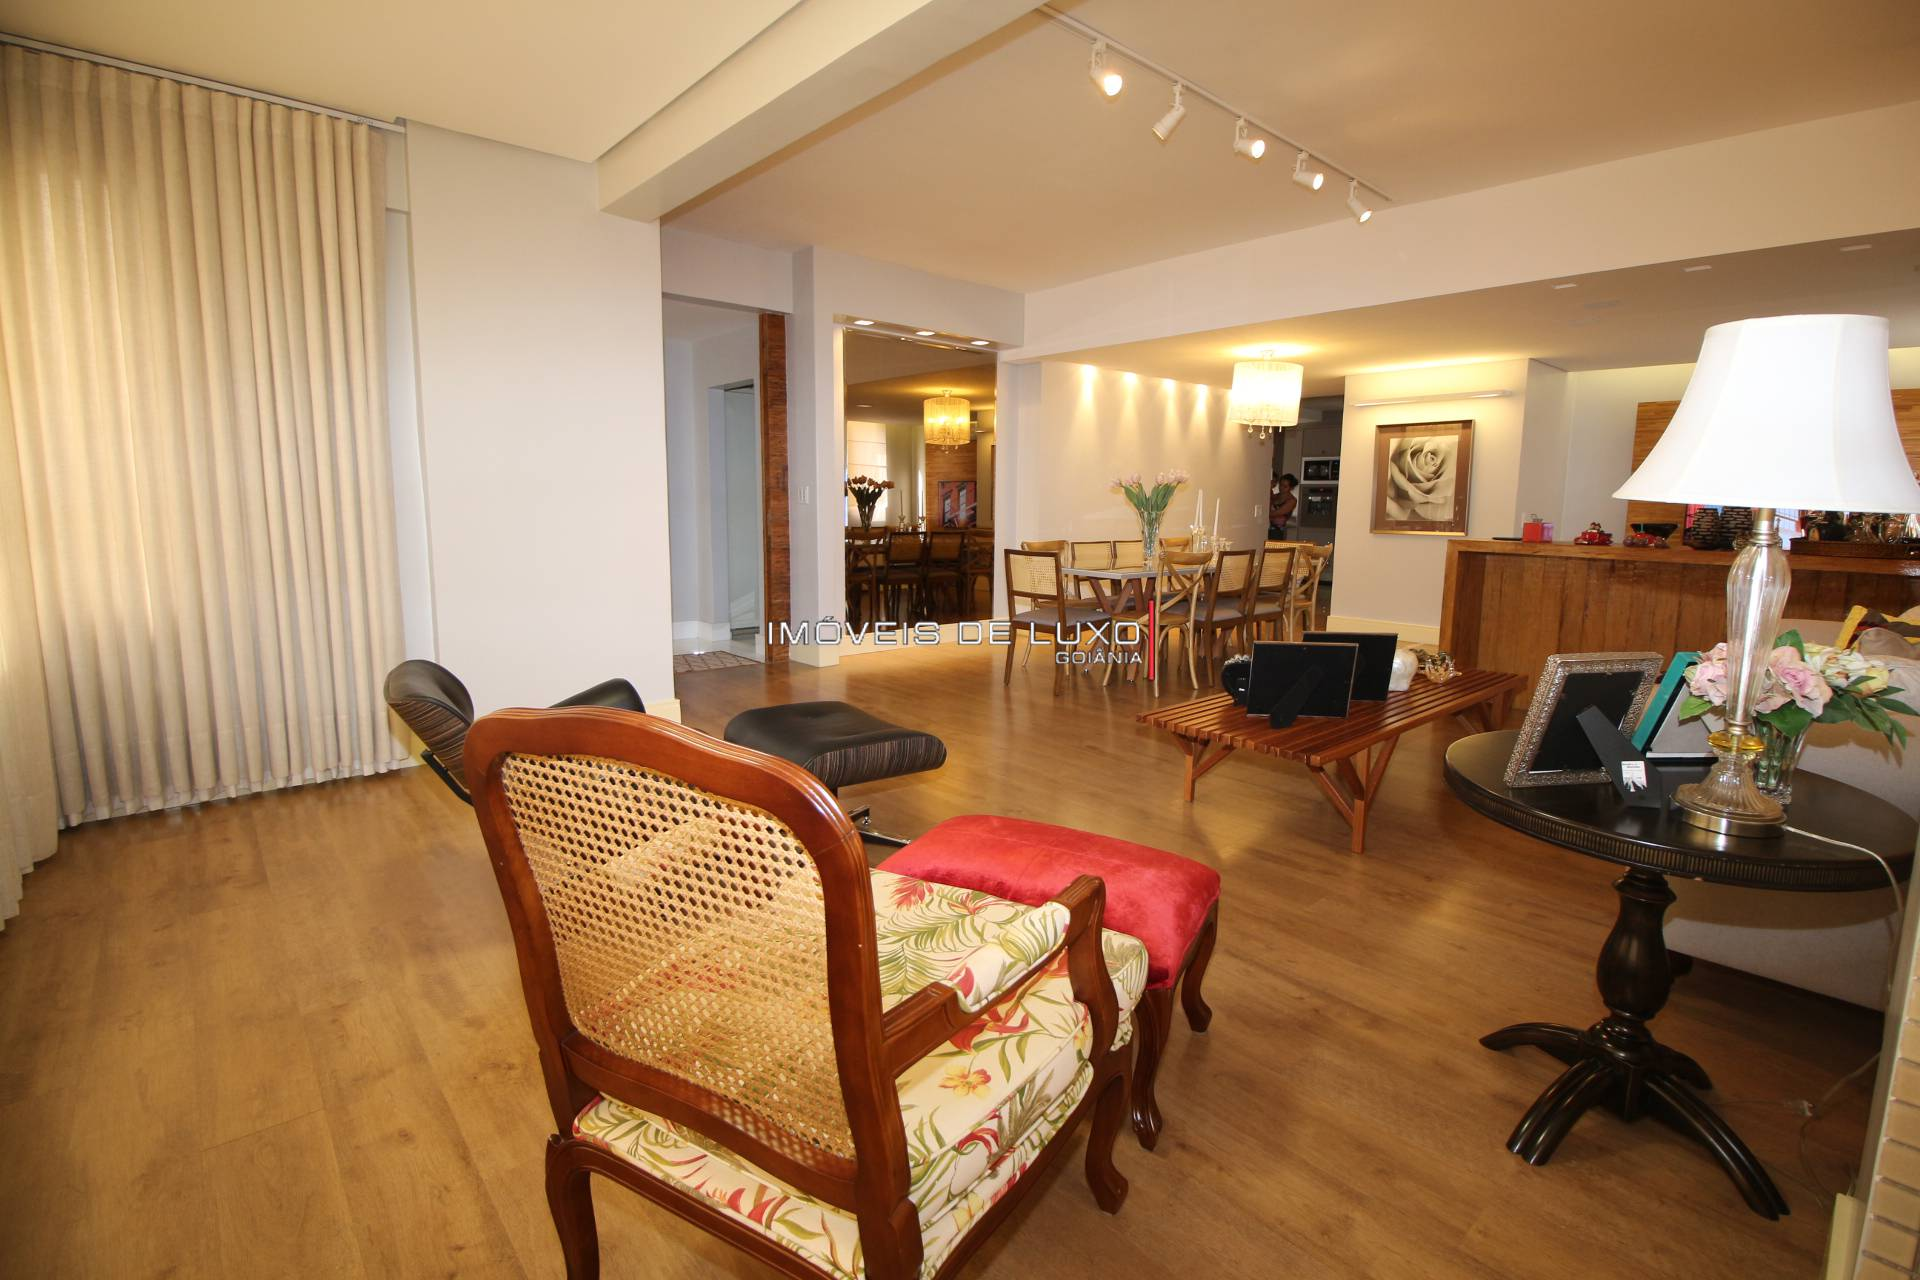 Imóveis de Luxo - Requintado apartamento no Setor Bueno